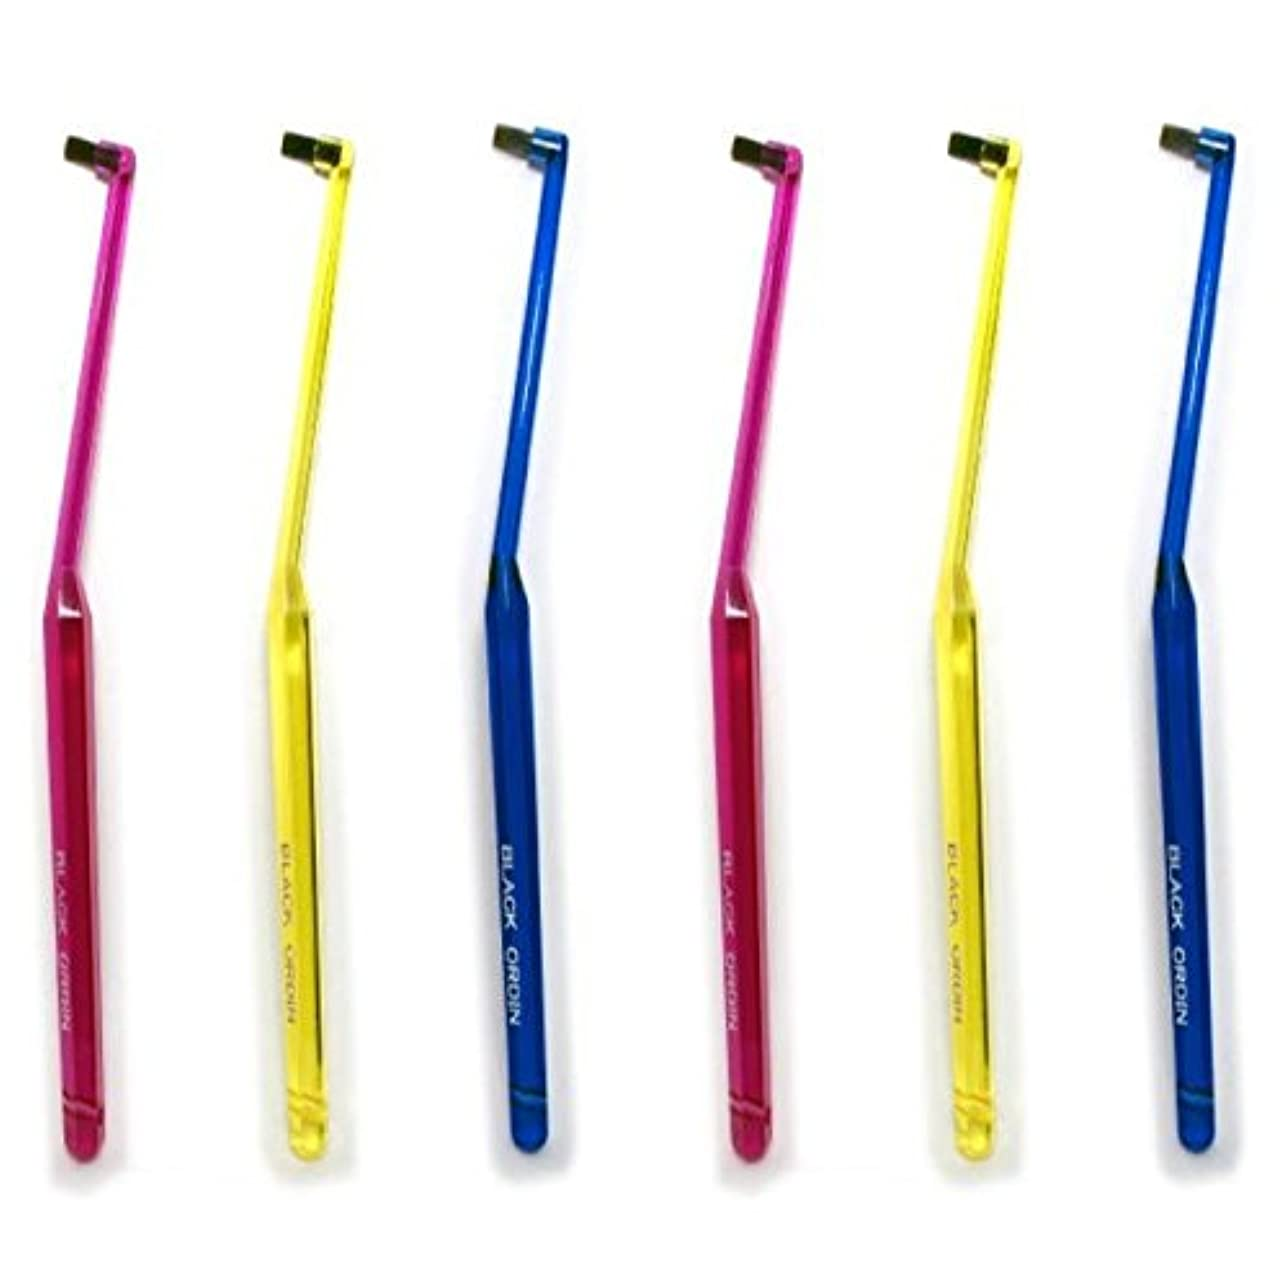 褐色ひねり芸術ワンタフトブラシ ブラックオーディン ワンタフト×6本セット 部分用歯ブラシ 歯磨き 歯ブラシ